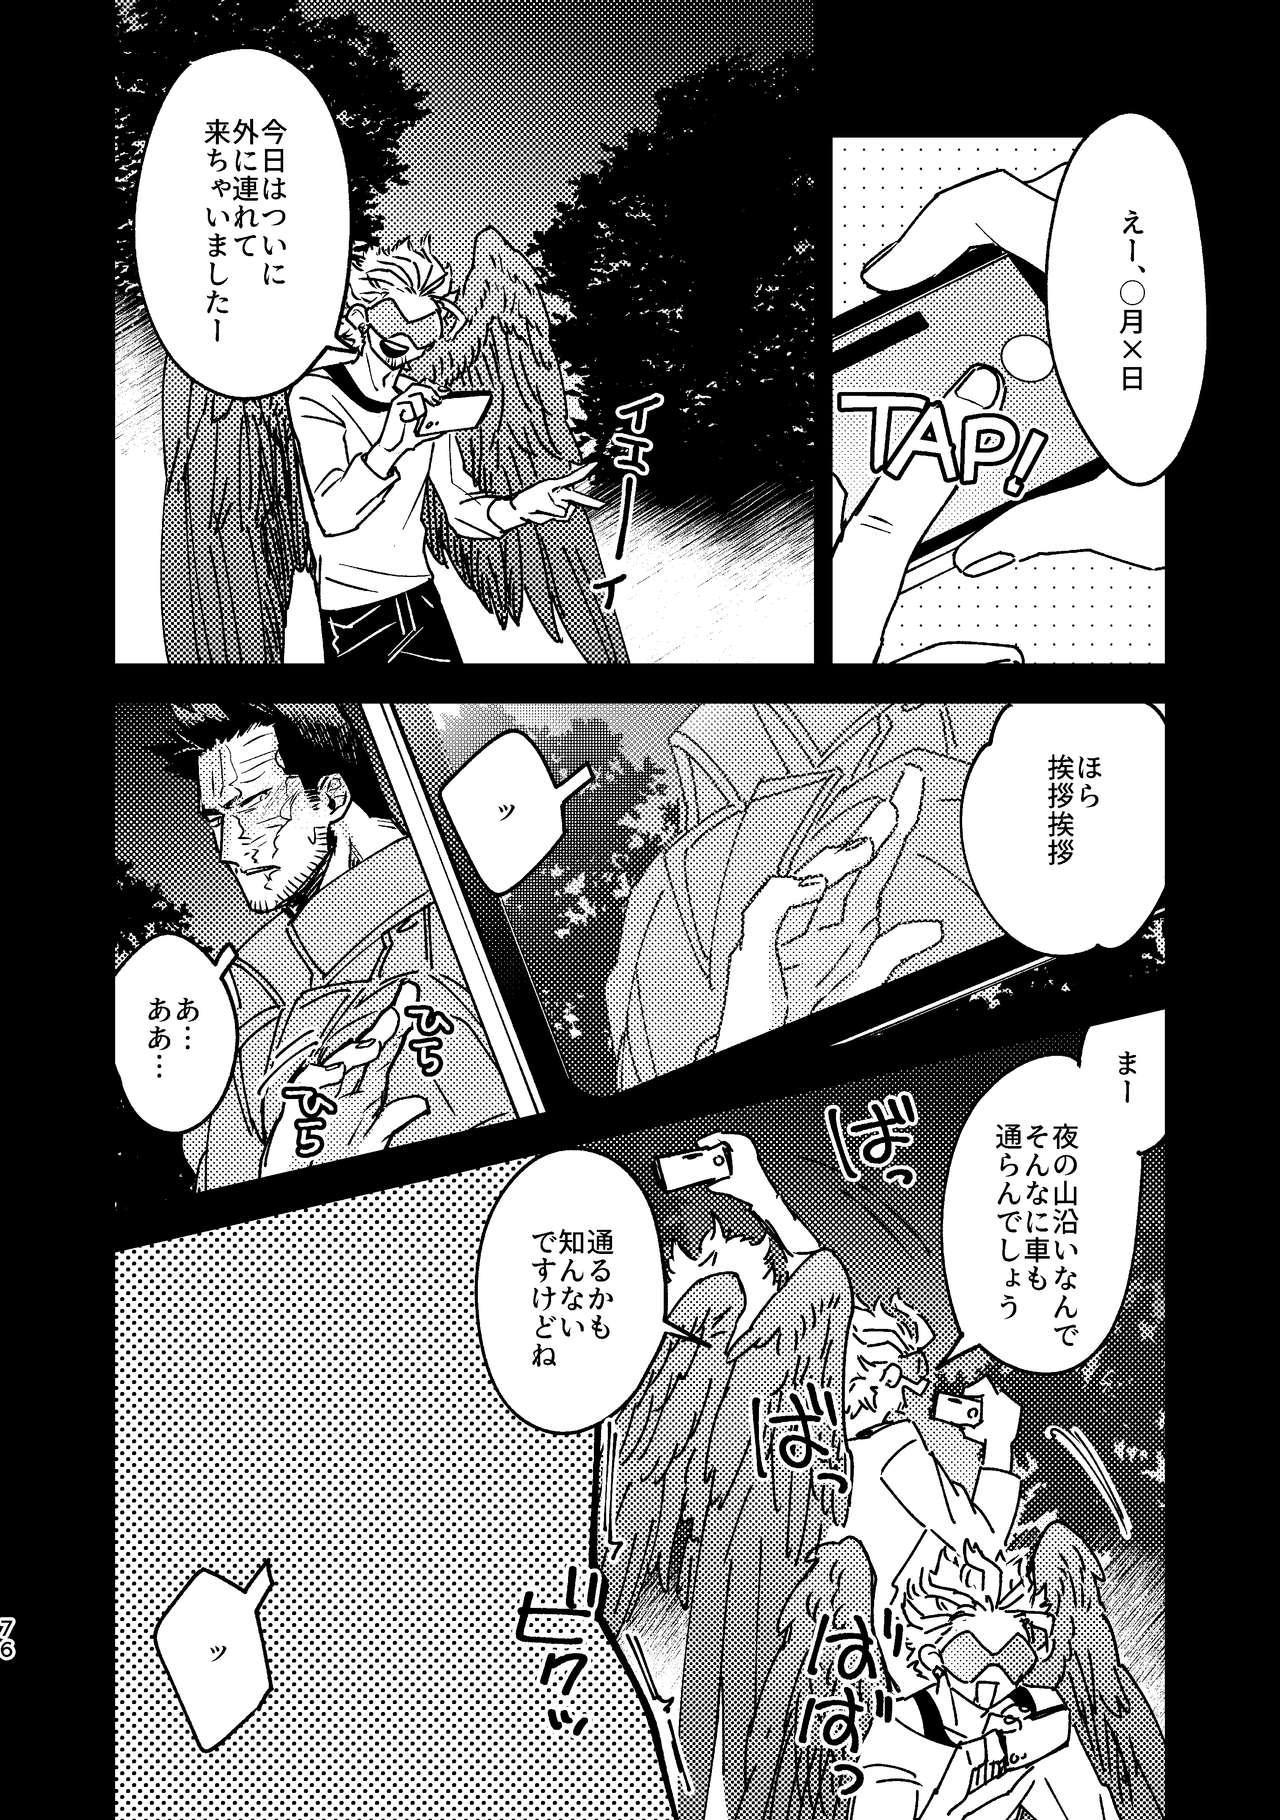 WEB Sairoku Zumi HawEn Manga ga Kami demo Yomeru Hon. 75